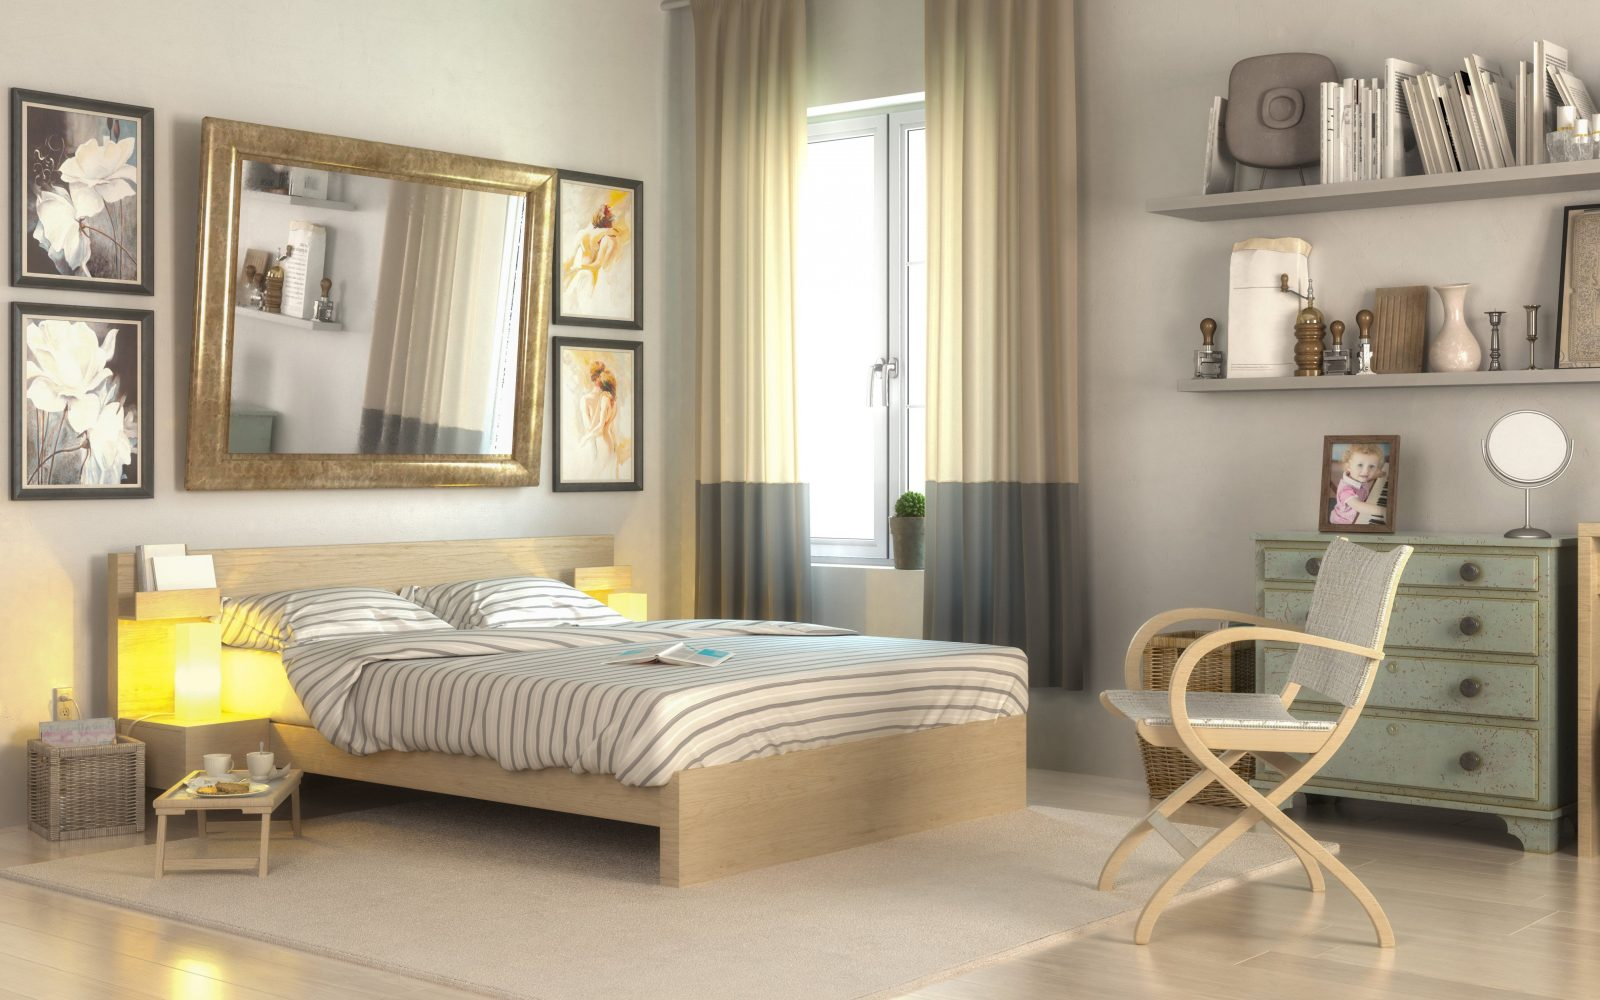 Kleines Schlafzimmer Optimal Einrichten  8 Ideen Vorgestellt von Schlafzimmer Einrichten Kleiner Raum Photo